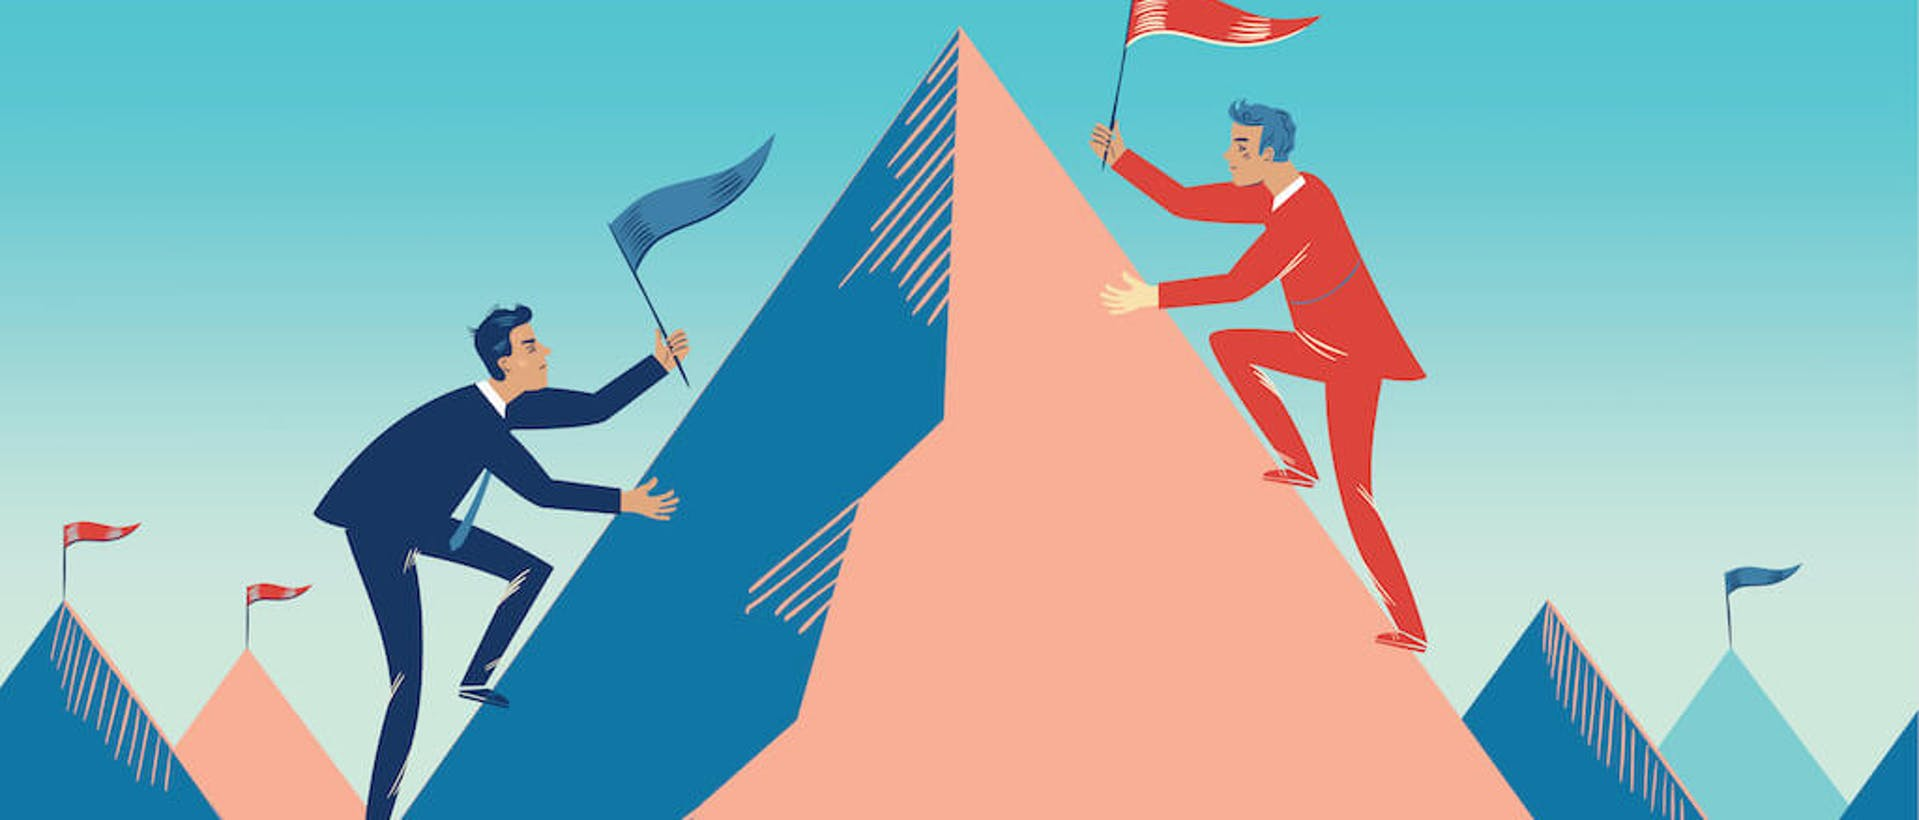 Eine comichafte Darstellung von zwei Business Männern, die versuchen schneller als der andere den Gipfel eines Berges zu erklimmen als Darstellung für eine Wettbewerbsanalyse.